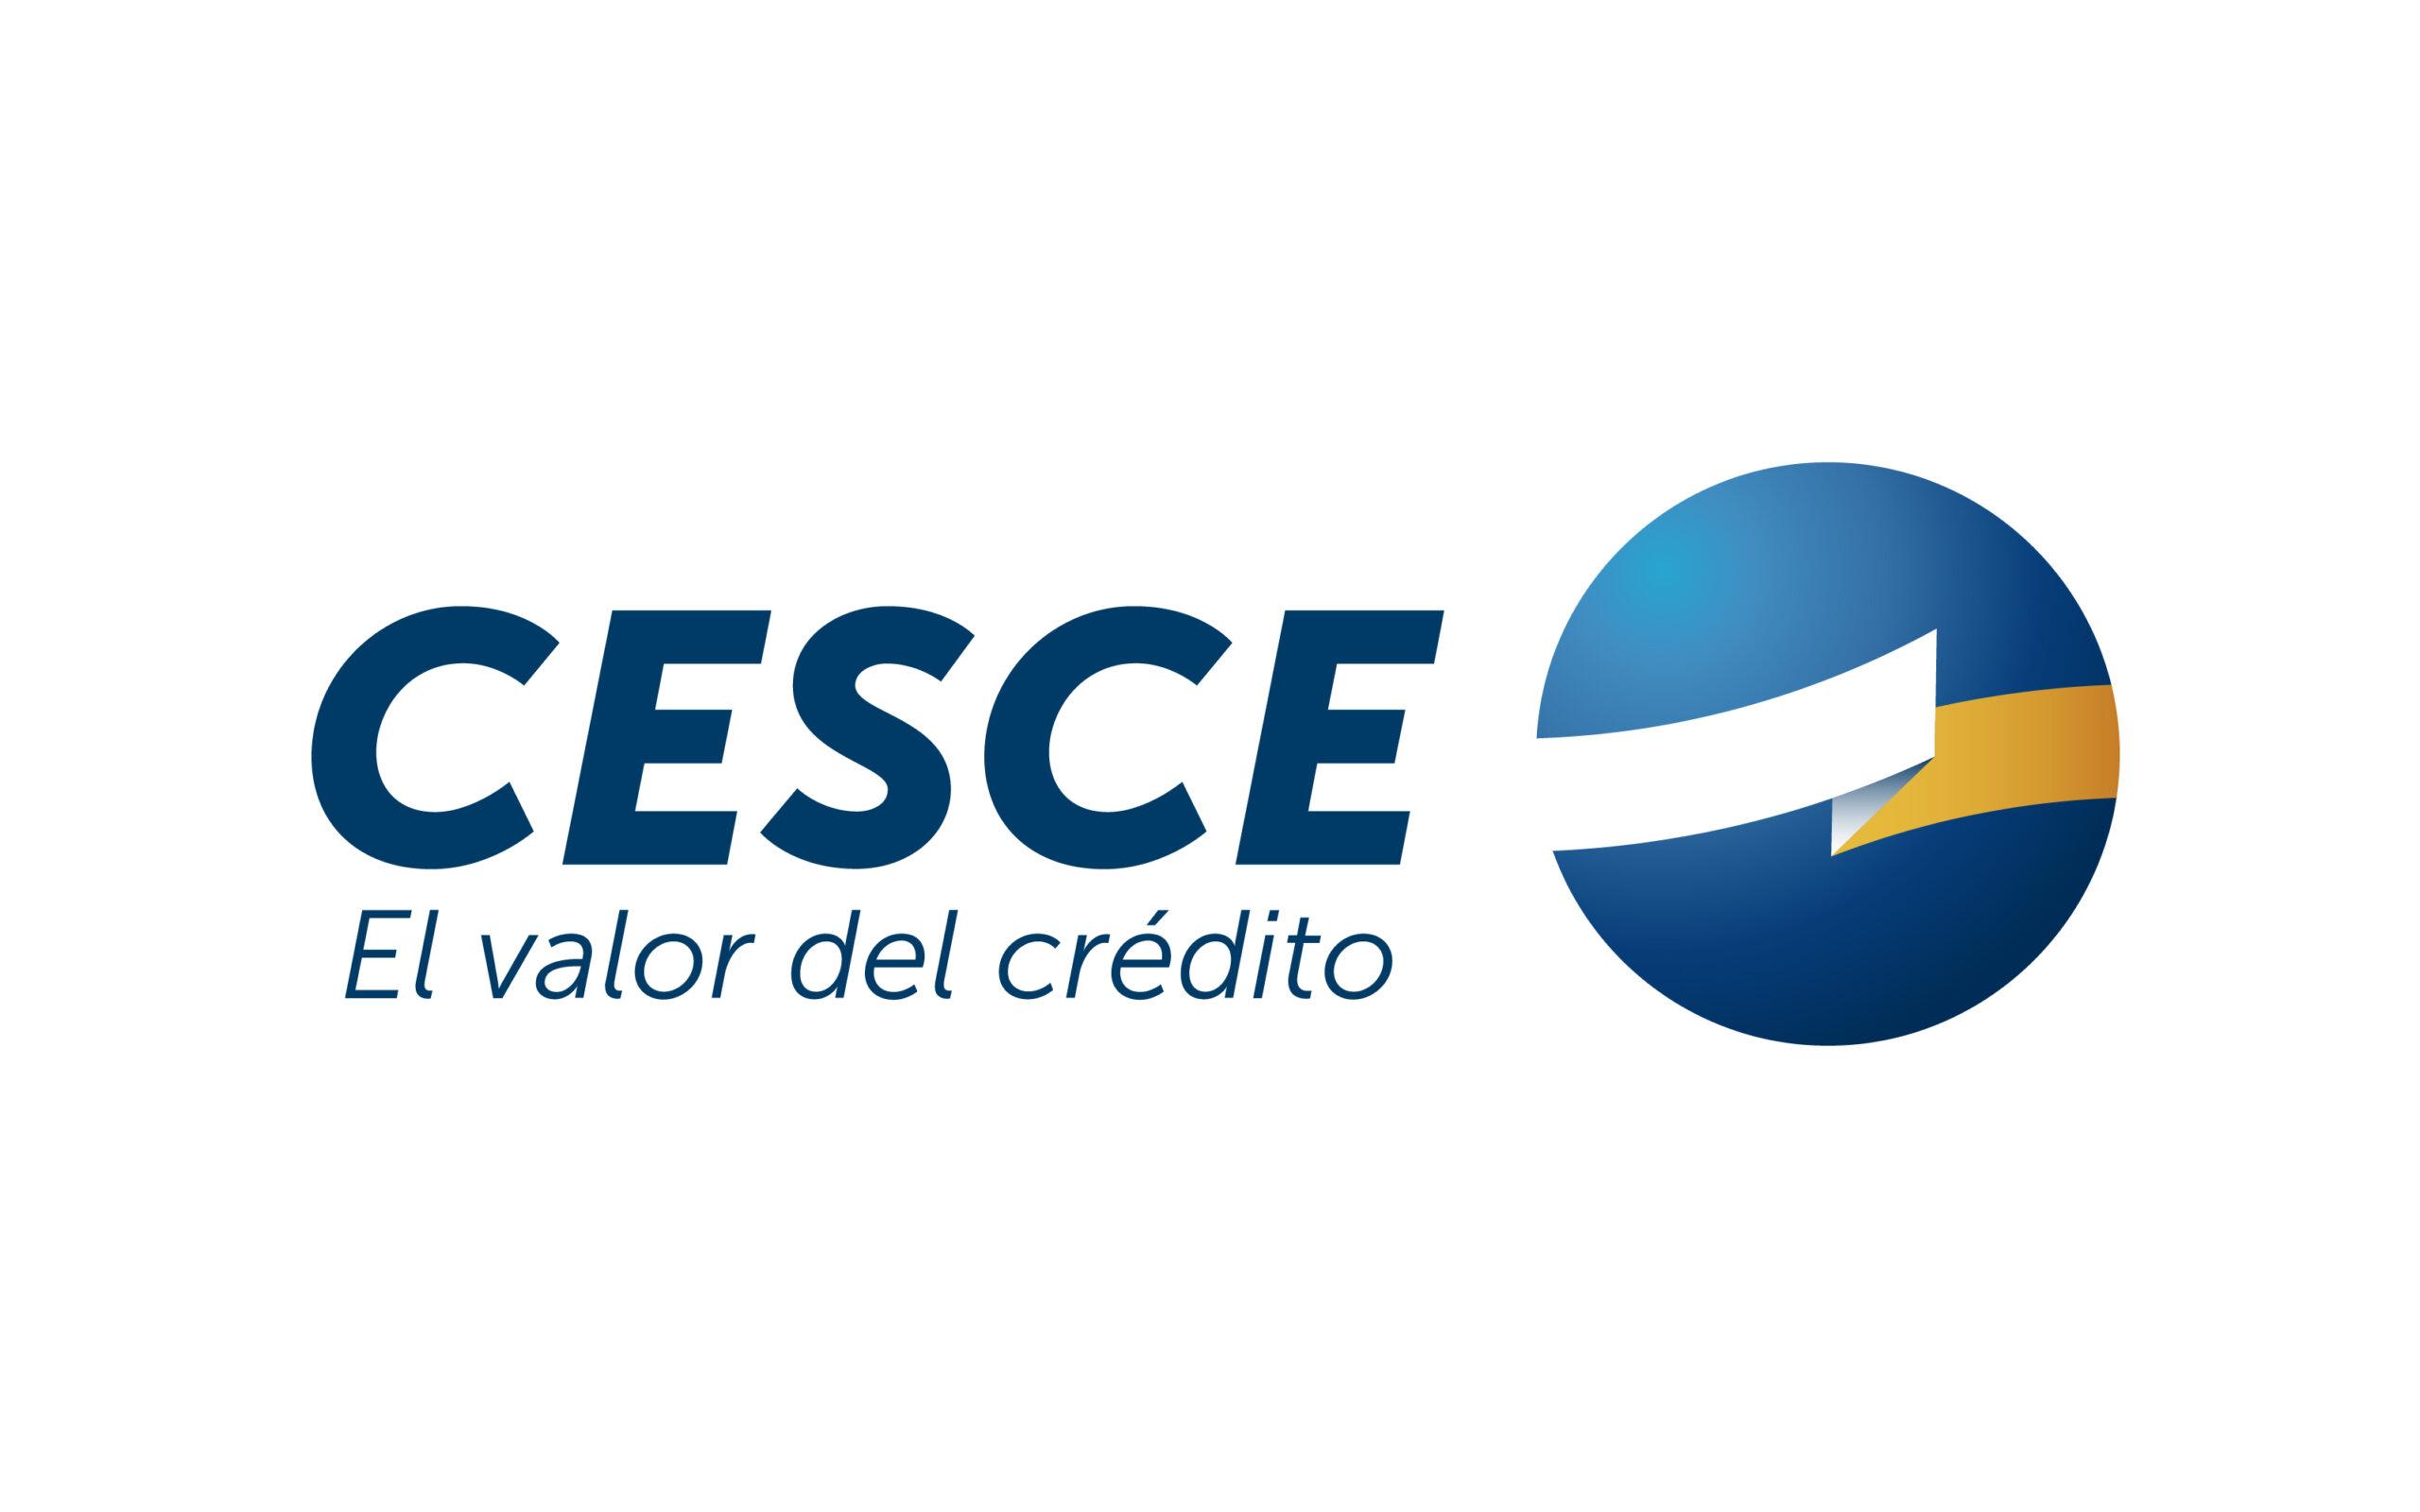 Logos_CCBE_socios-50